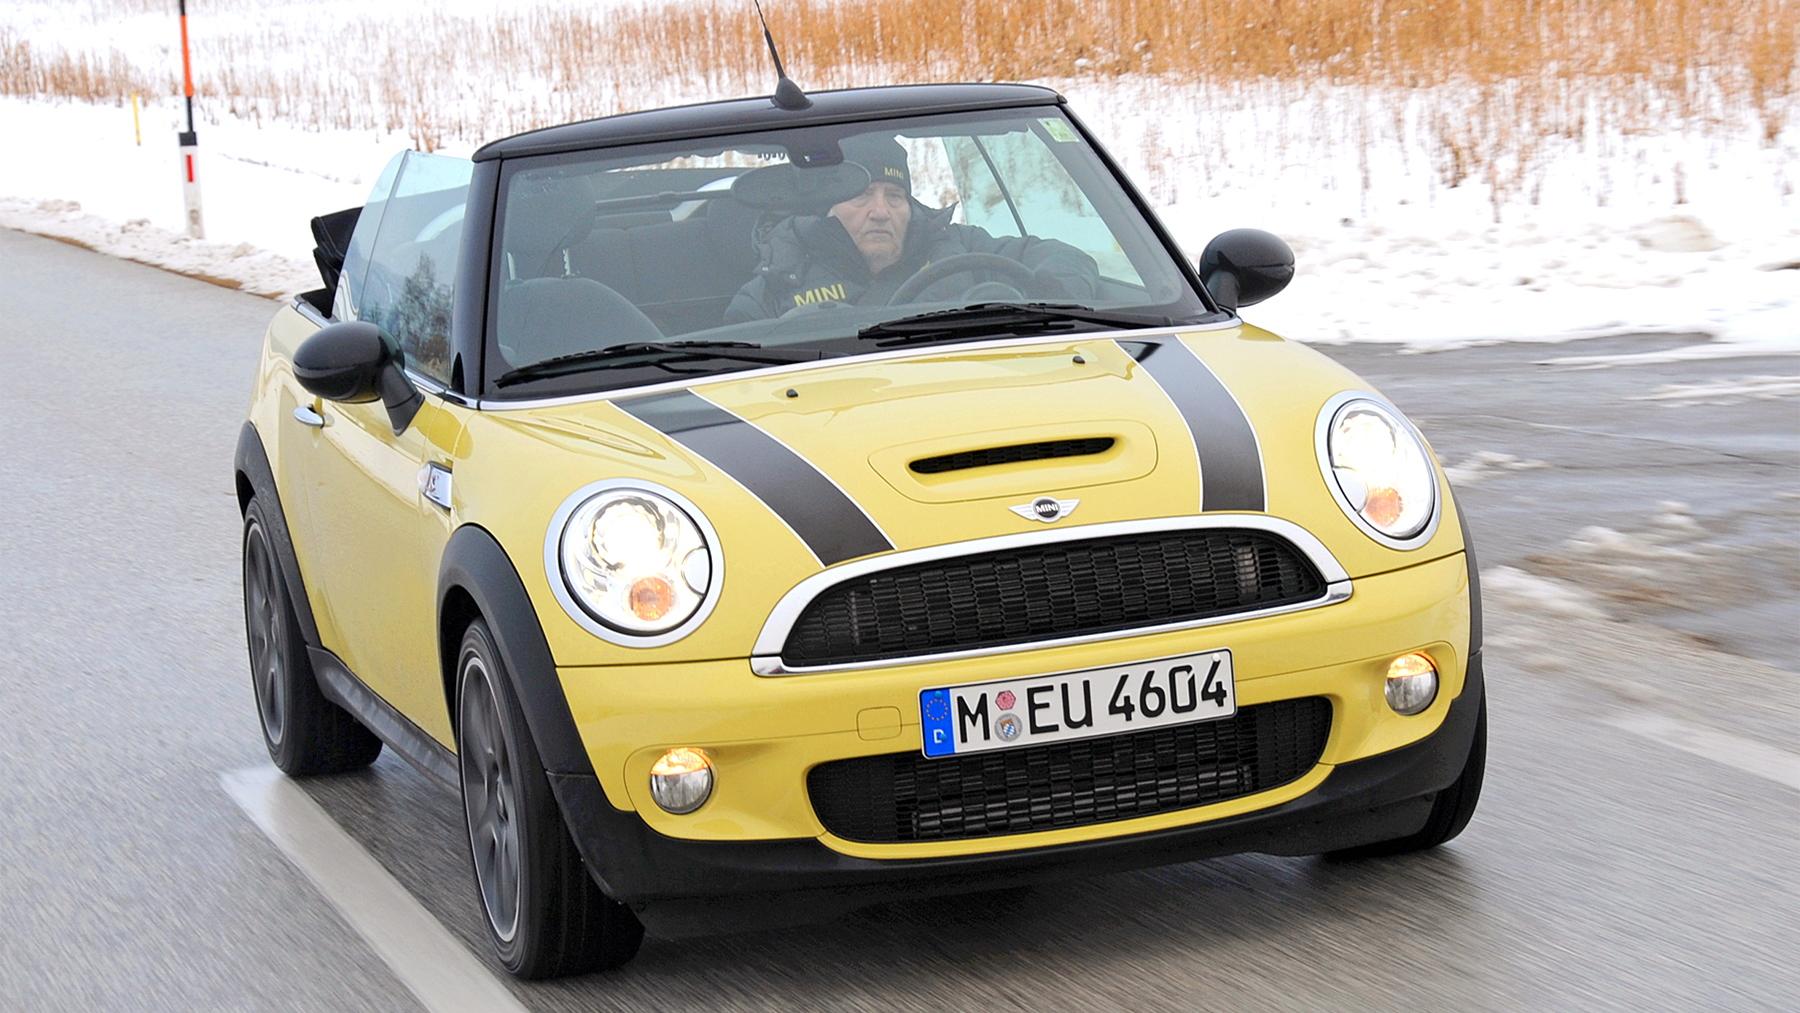 2010 mini cooper s cabrio 001